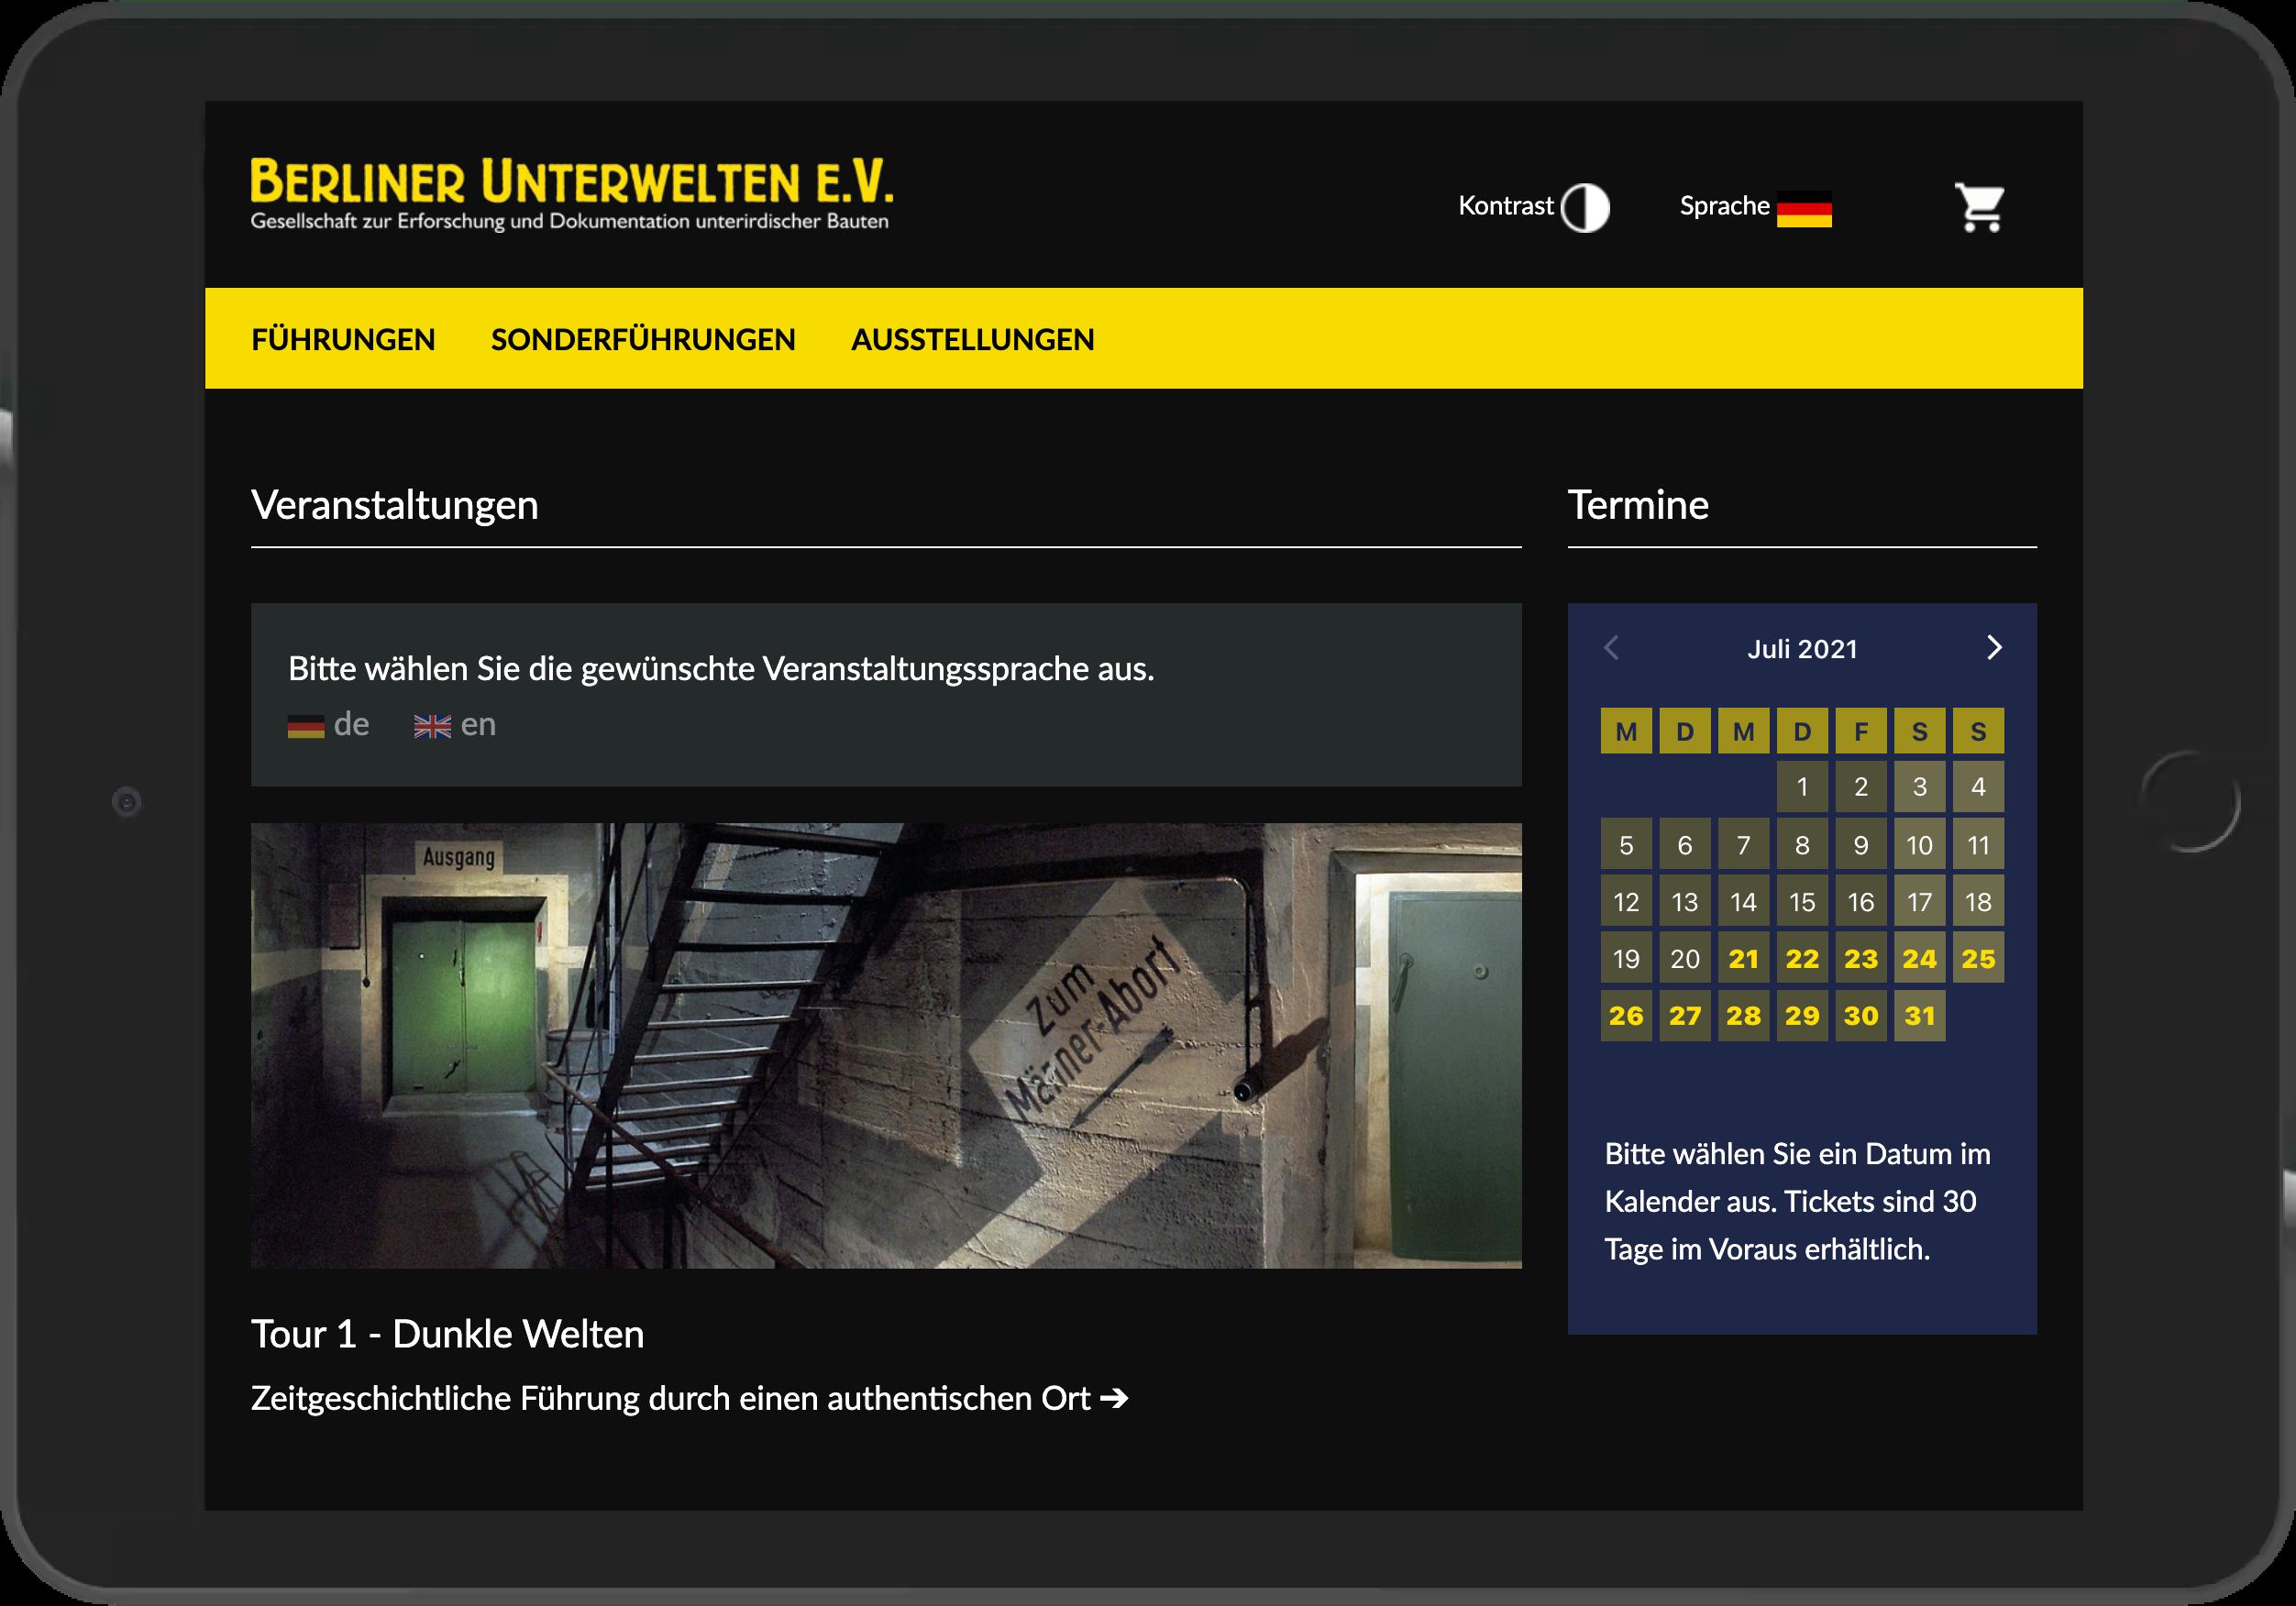 Screenshot der Startseite des Online Shops der Berliner Unterwelten